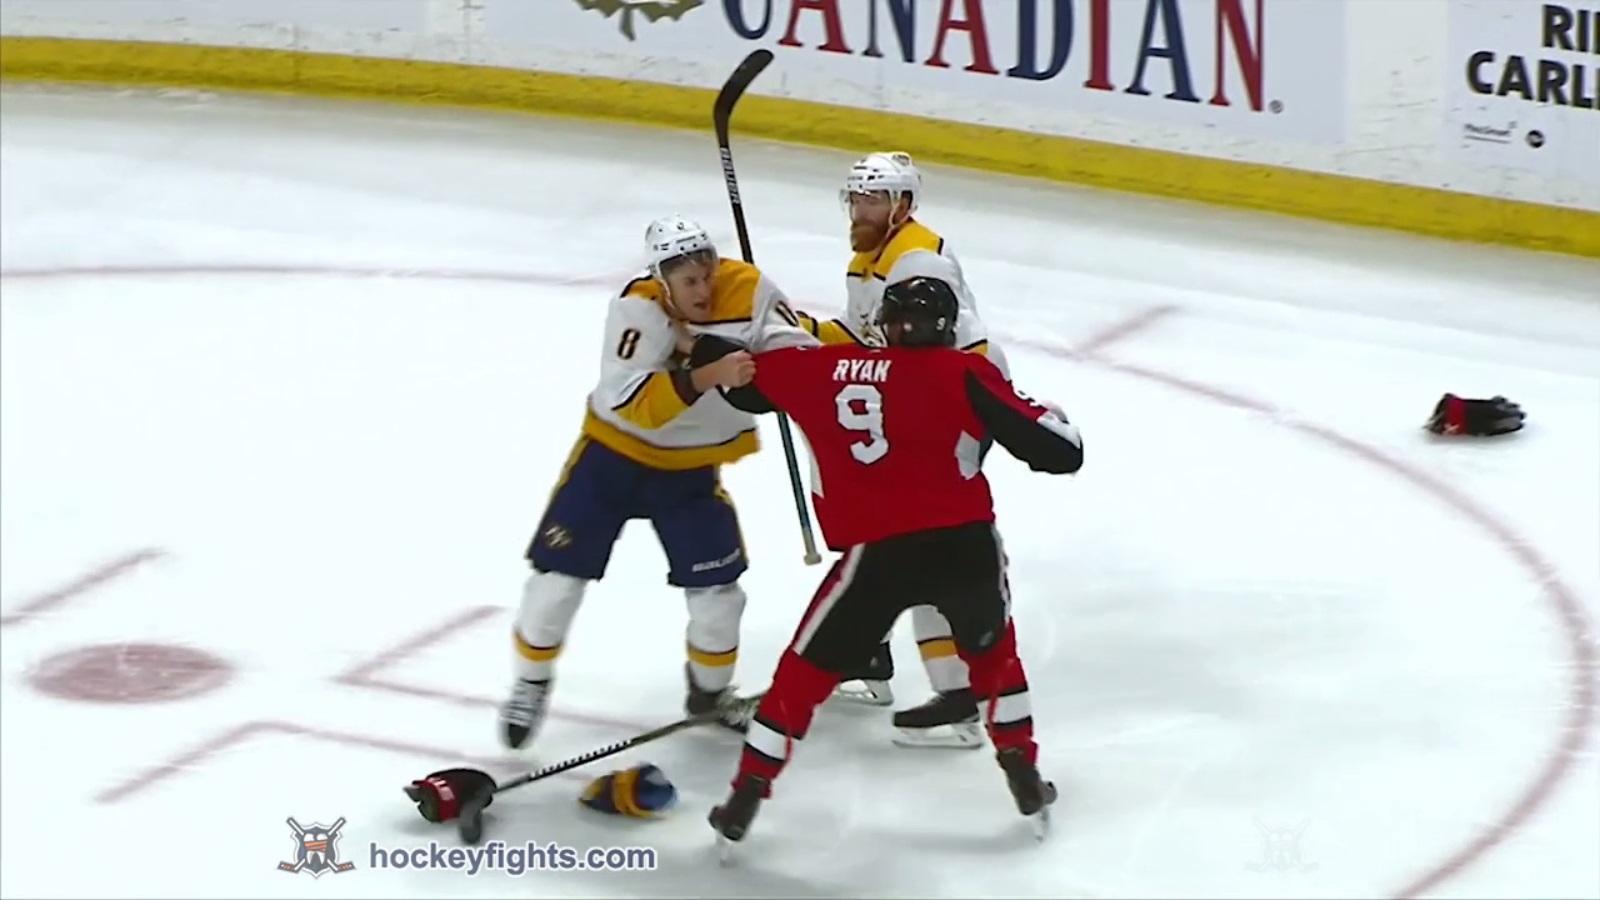 Bobby Ryan vs. Kyle Turris